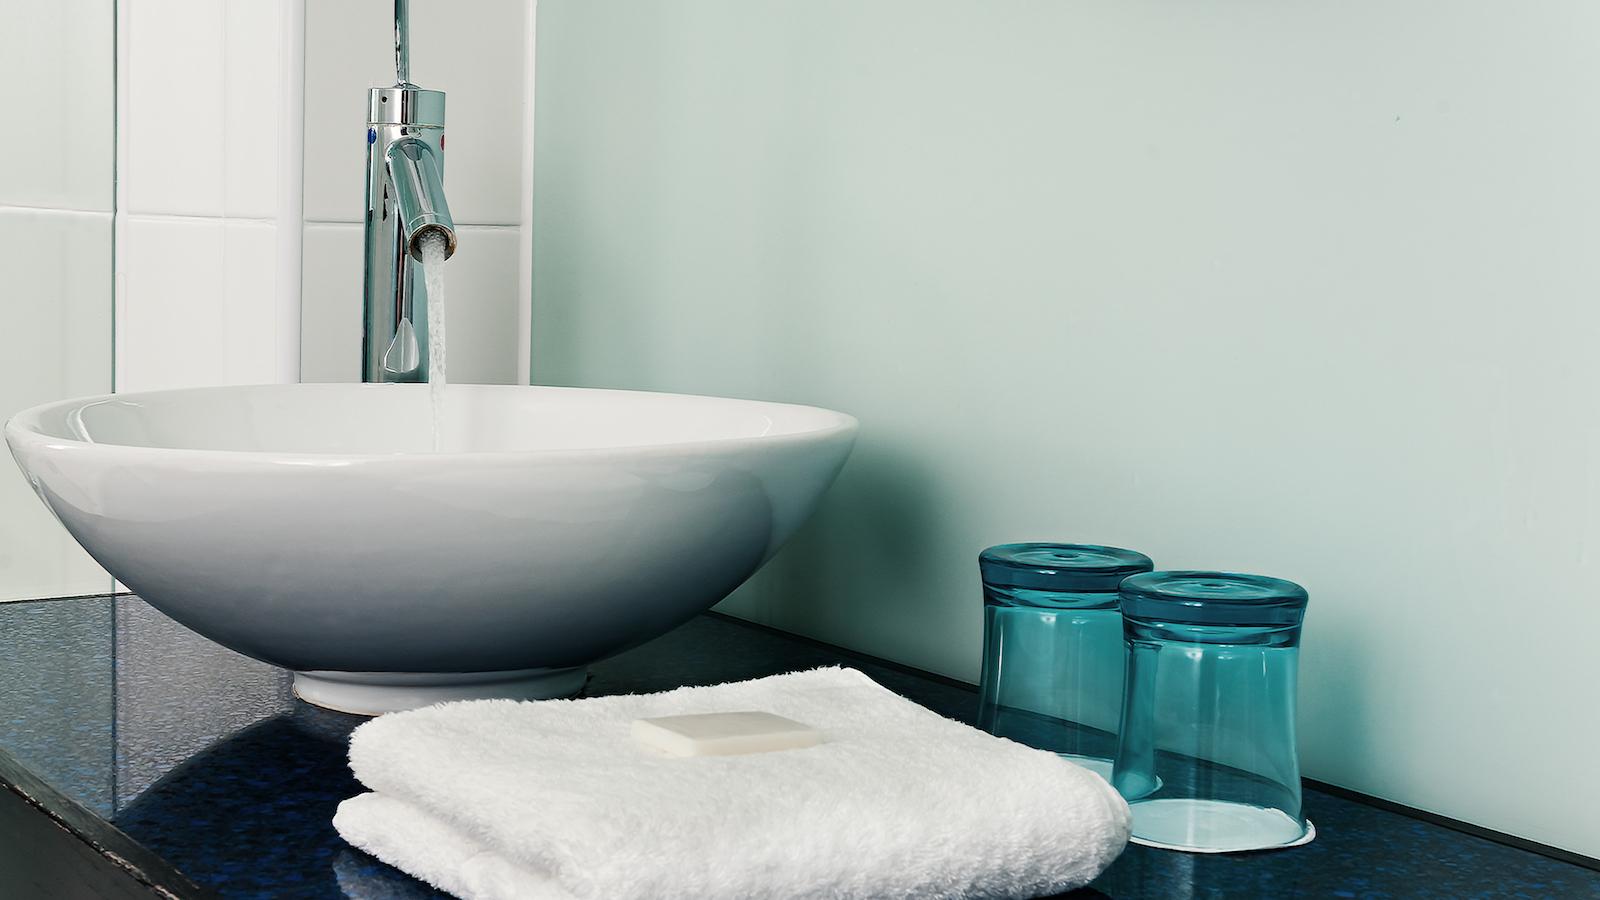 バスルームのイメージ写真